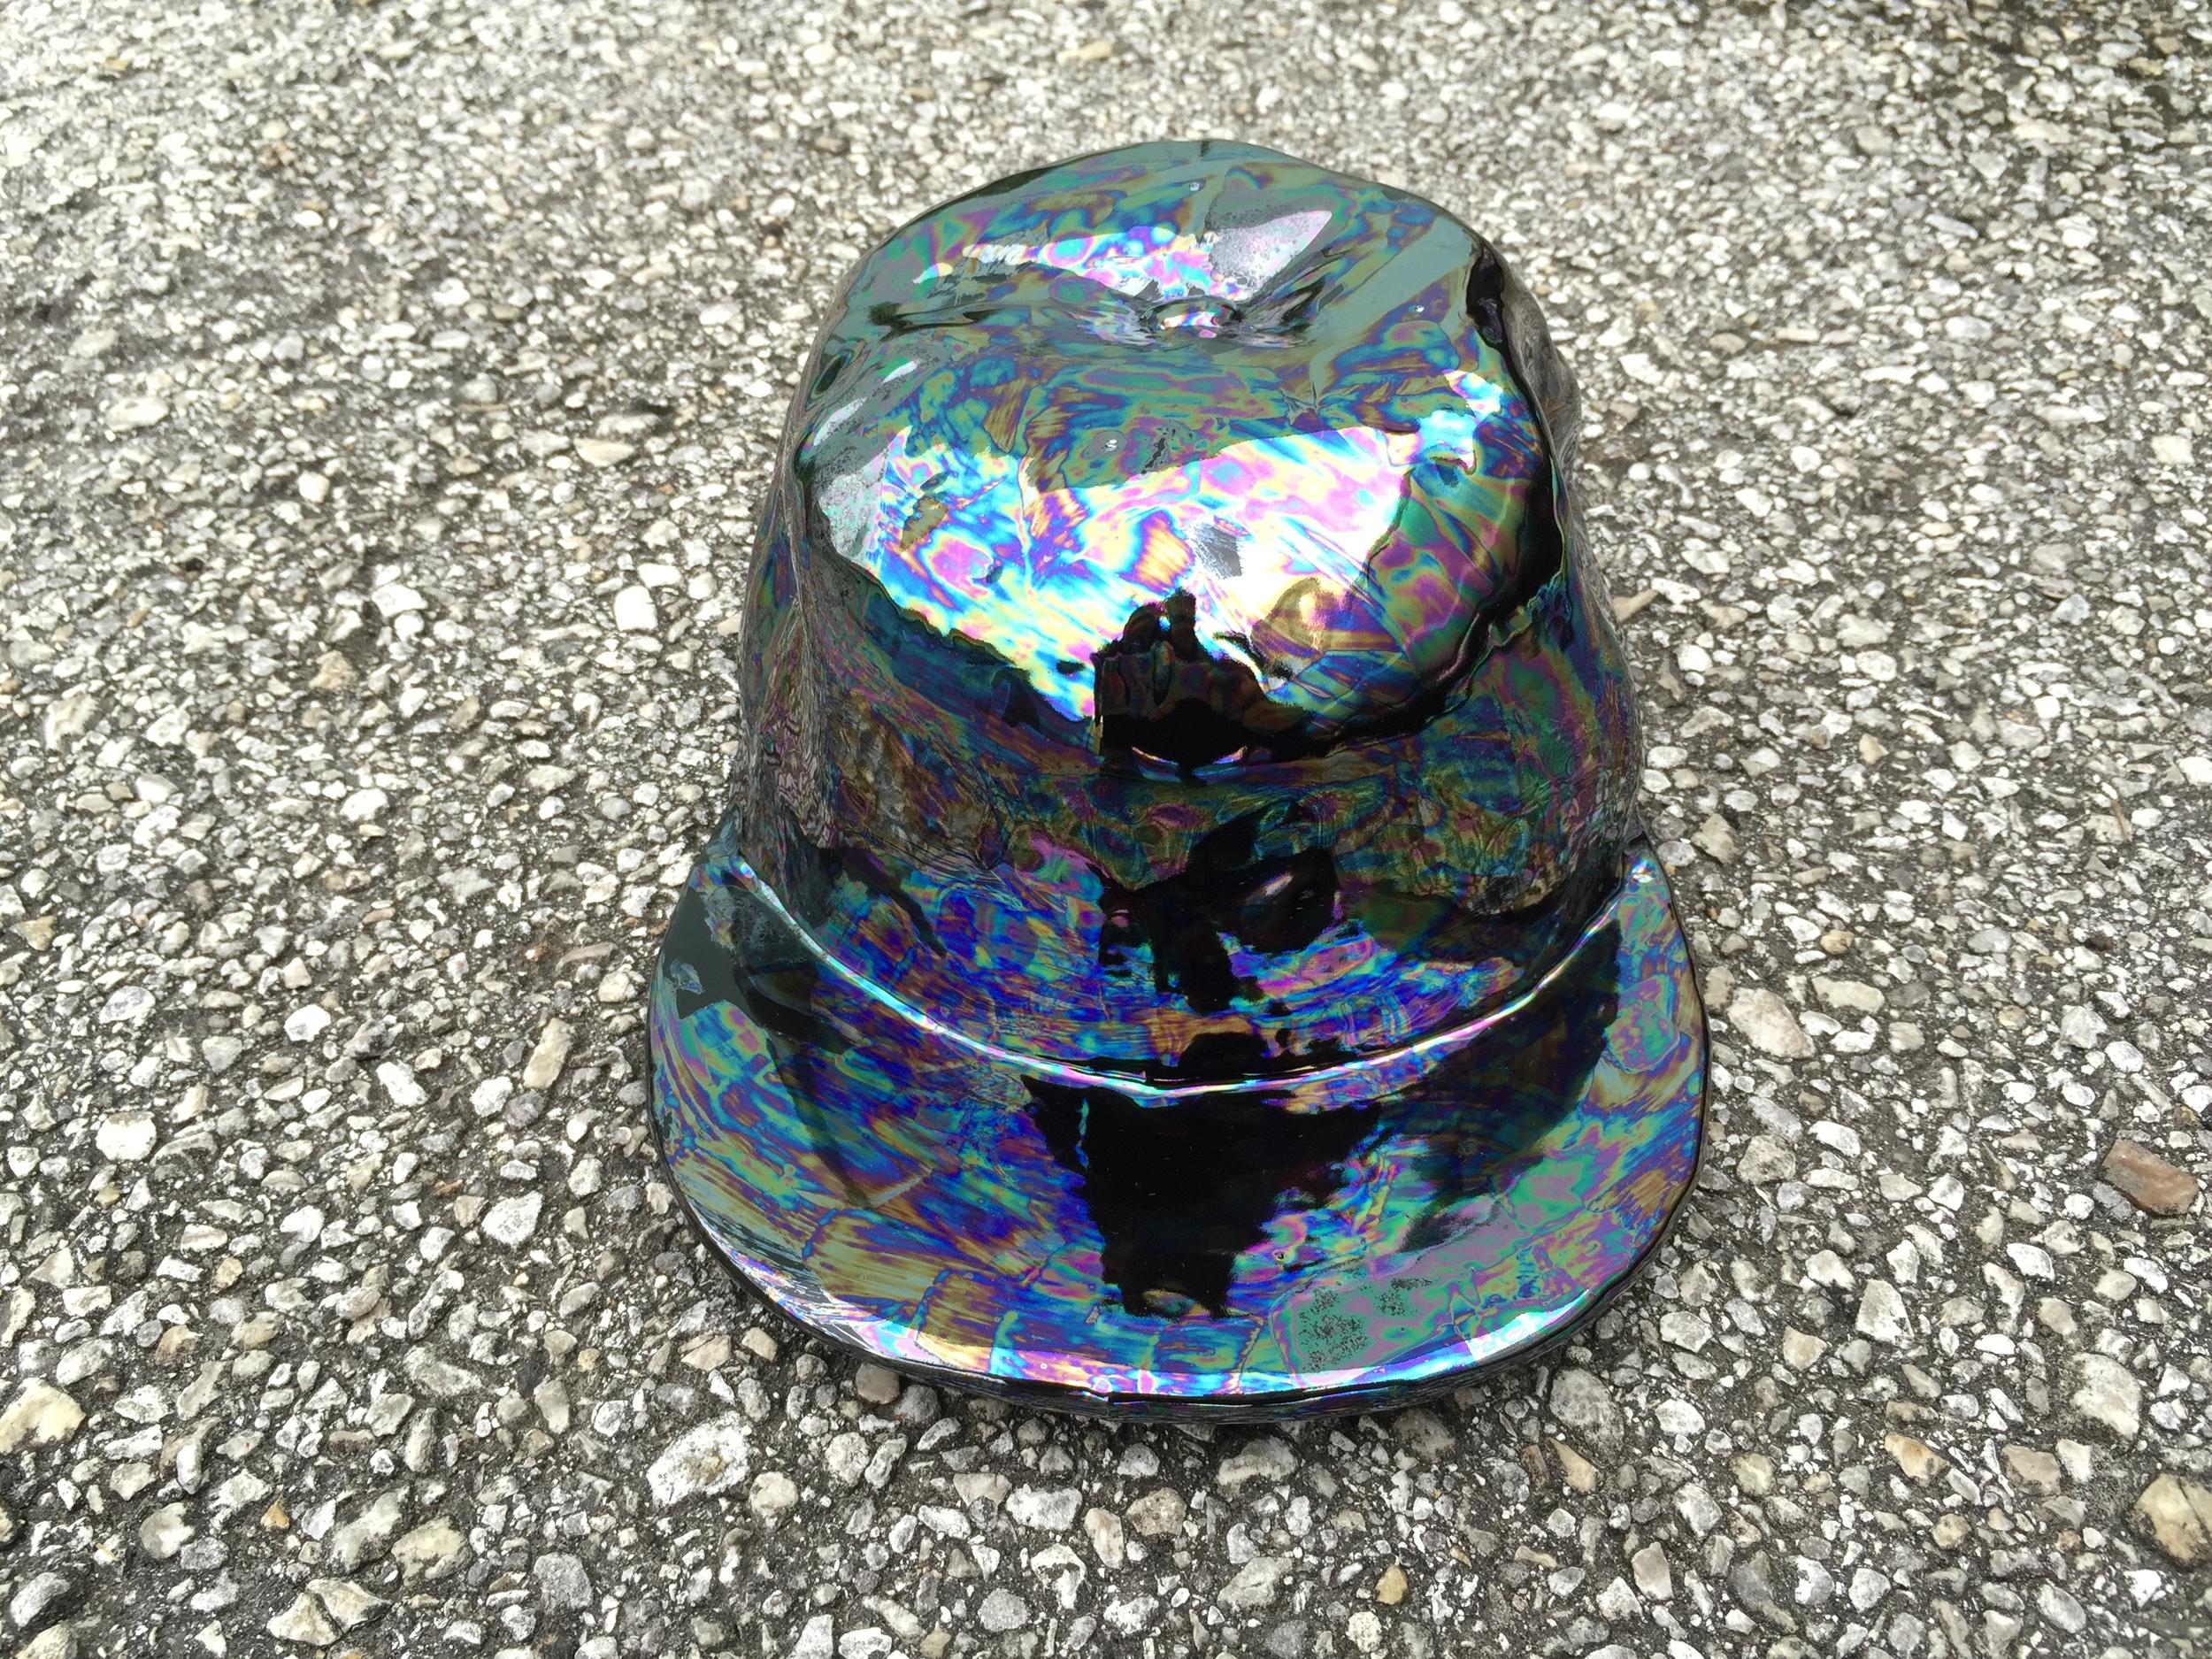 Hat Bowl in Black Oil Slick.